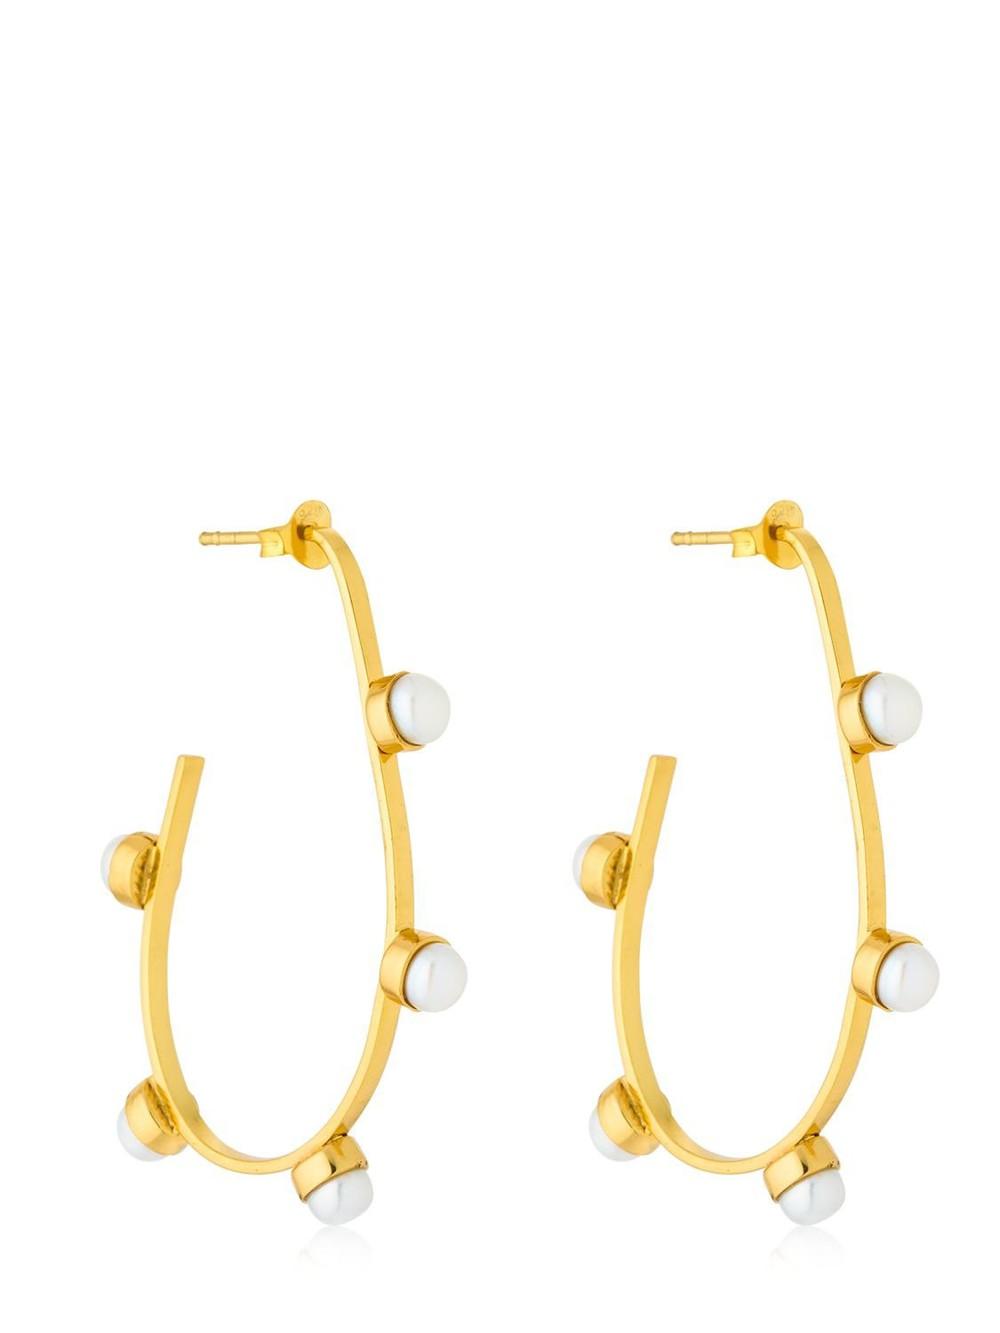 CORNELIA WEBB Pearled Hoop Earrings in gold